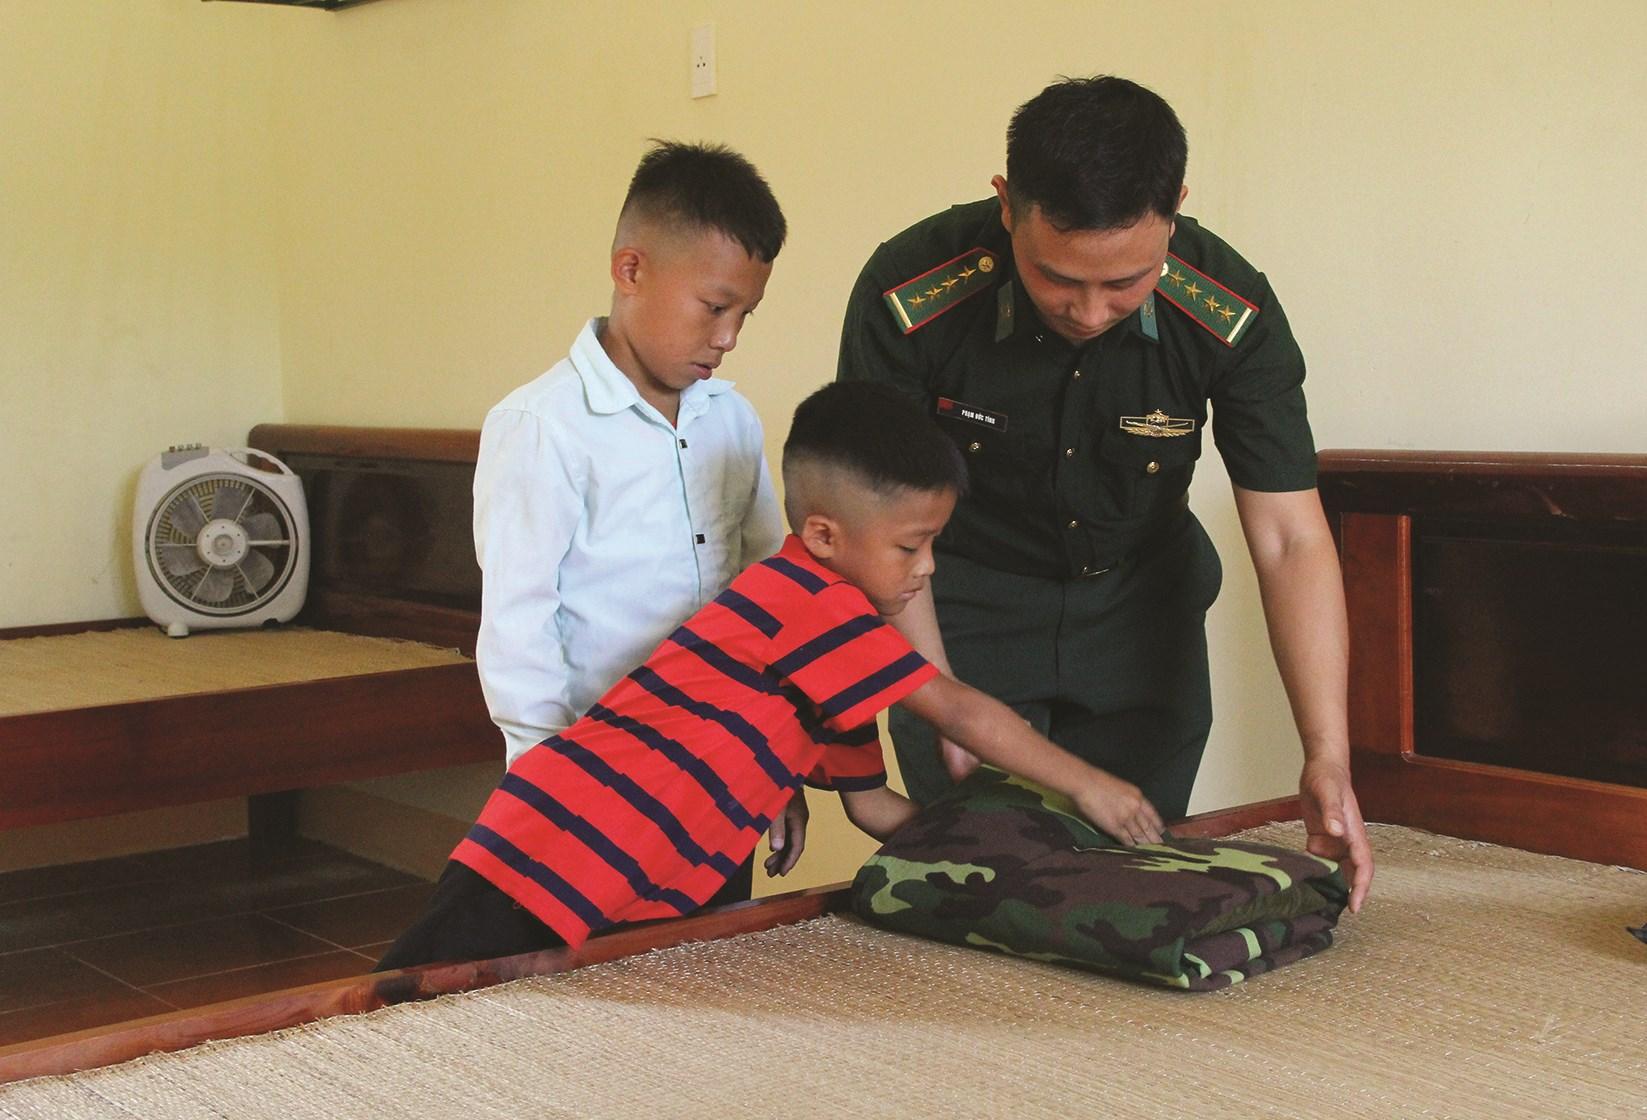 Đại úy Phạm Đức Tính hướng dẫn hai cháu (Khang và Linh) gấp chăn màn mùa hè